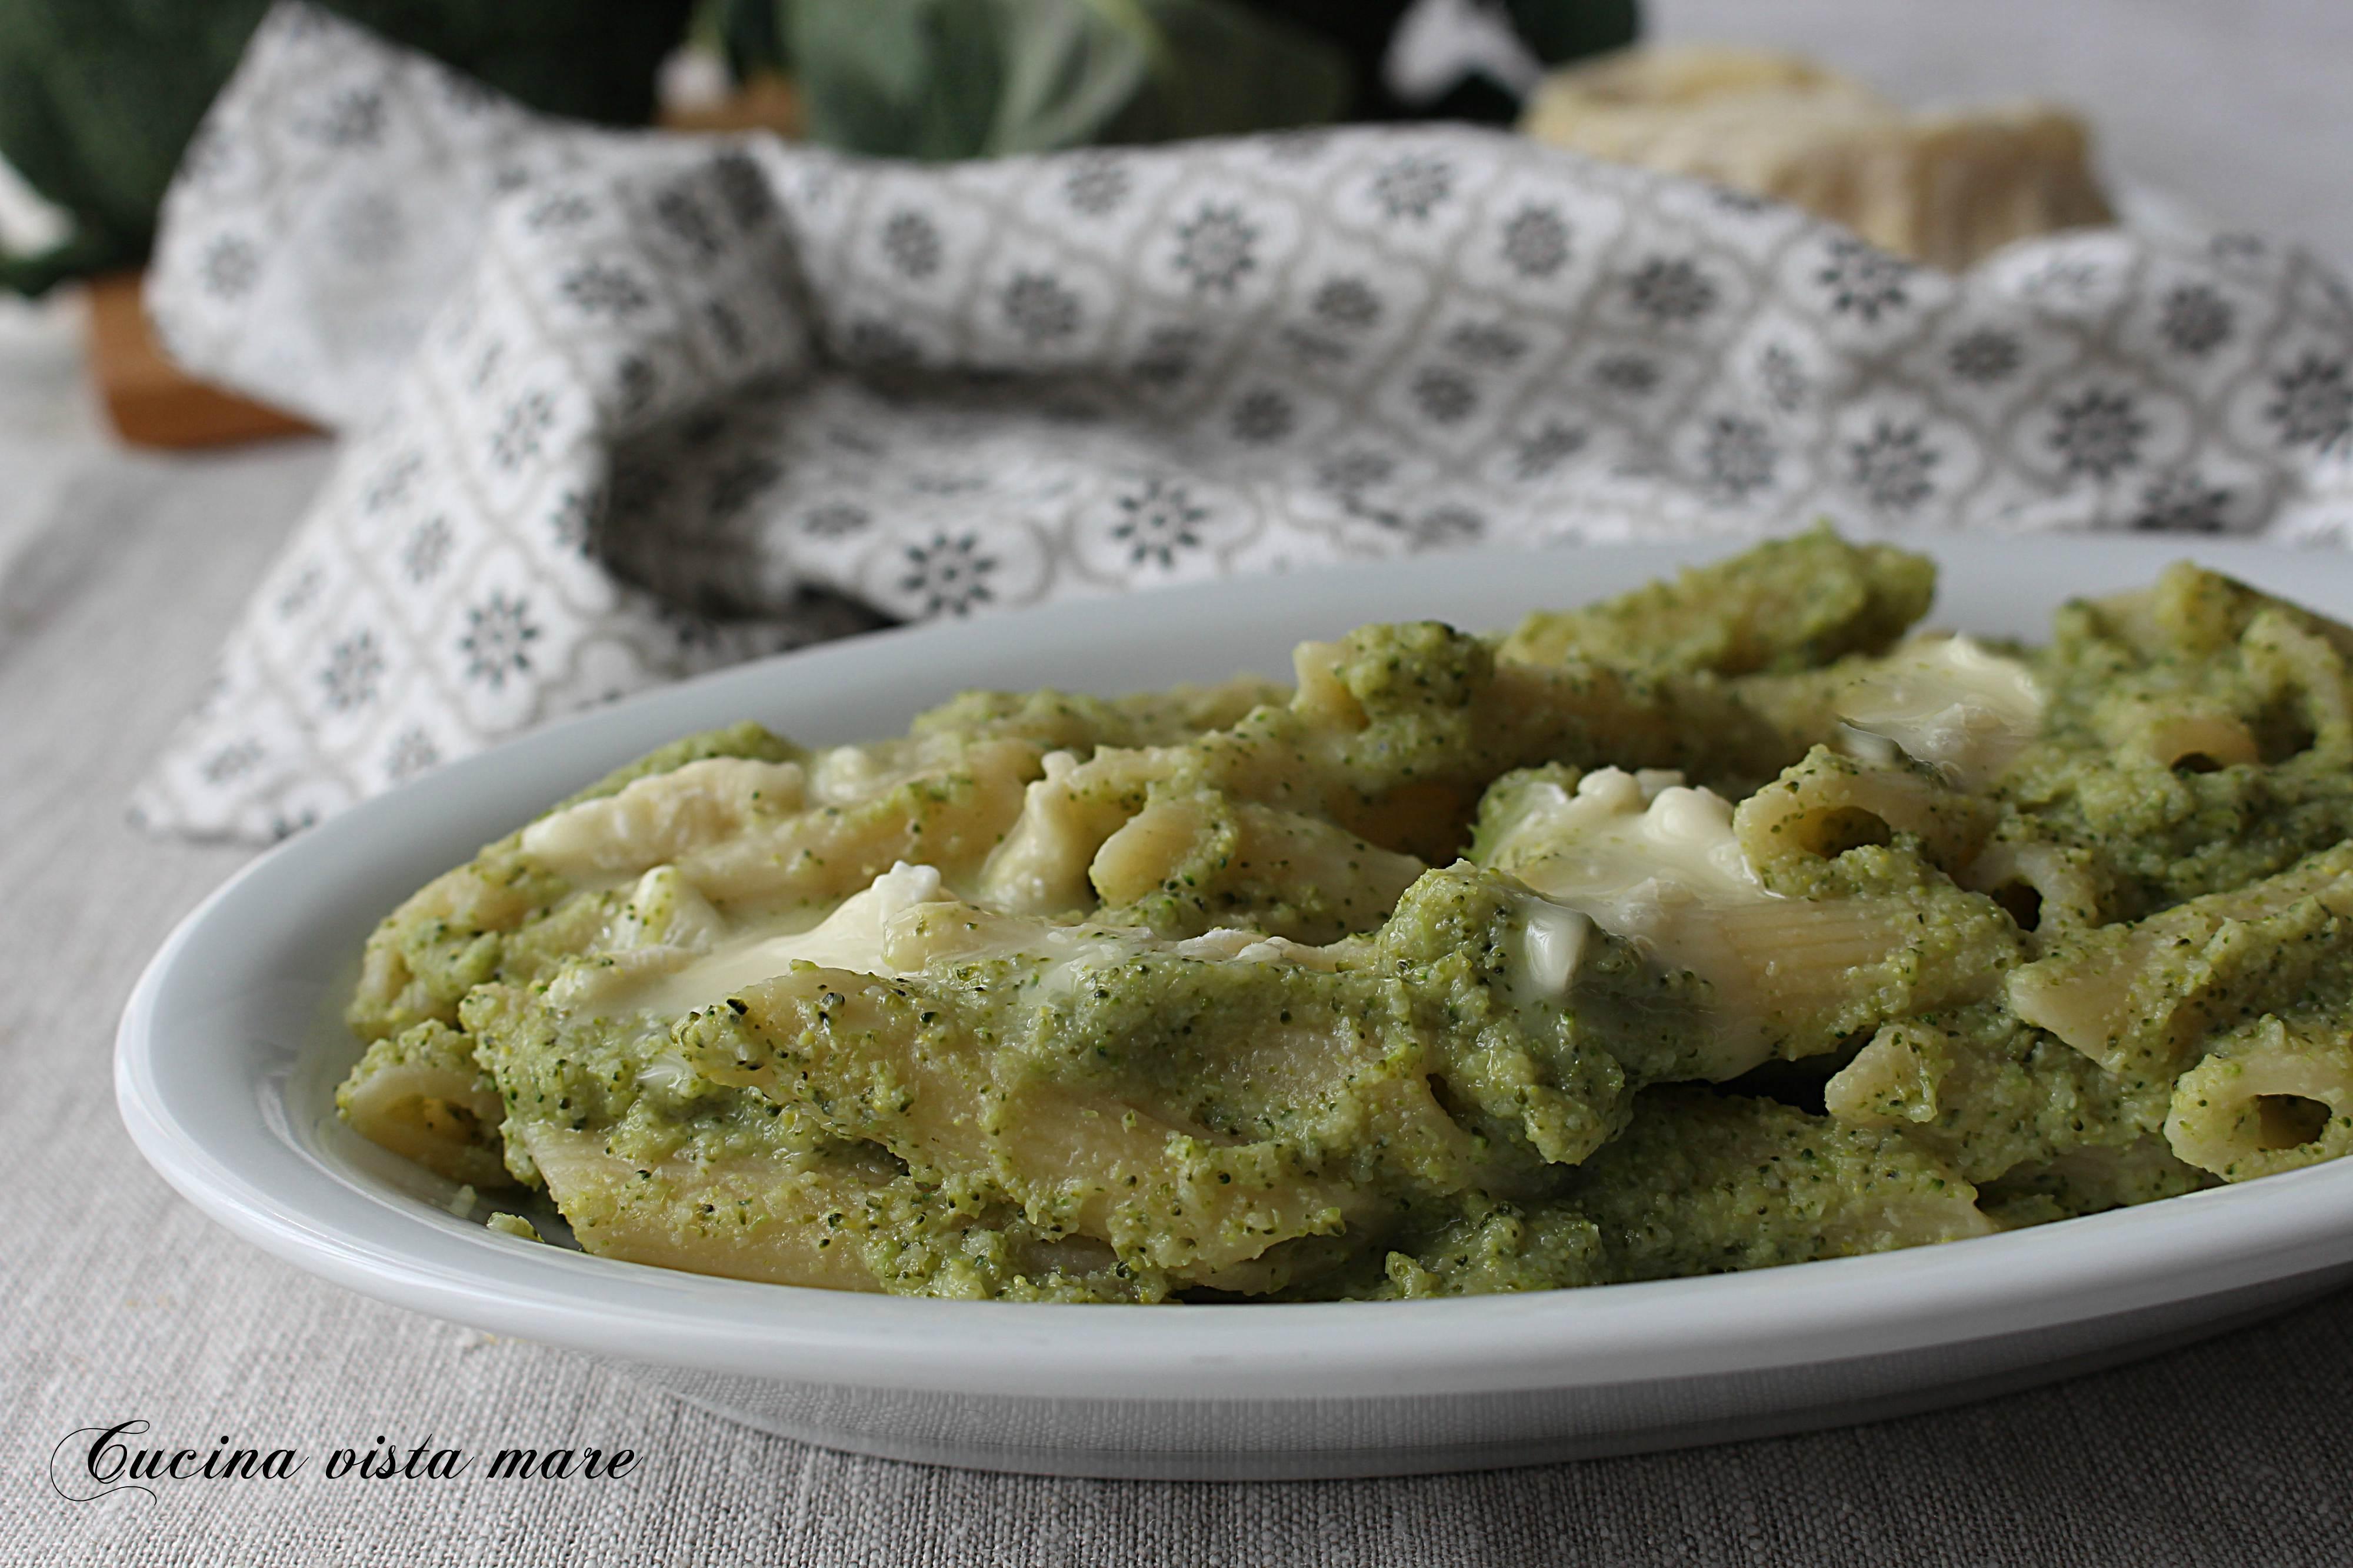 Pasta con crema di broccoli e primo sale Cucina vista mare